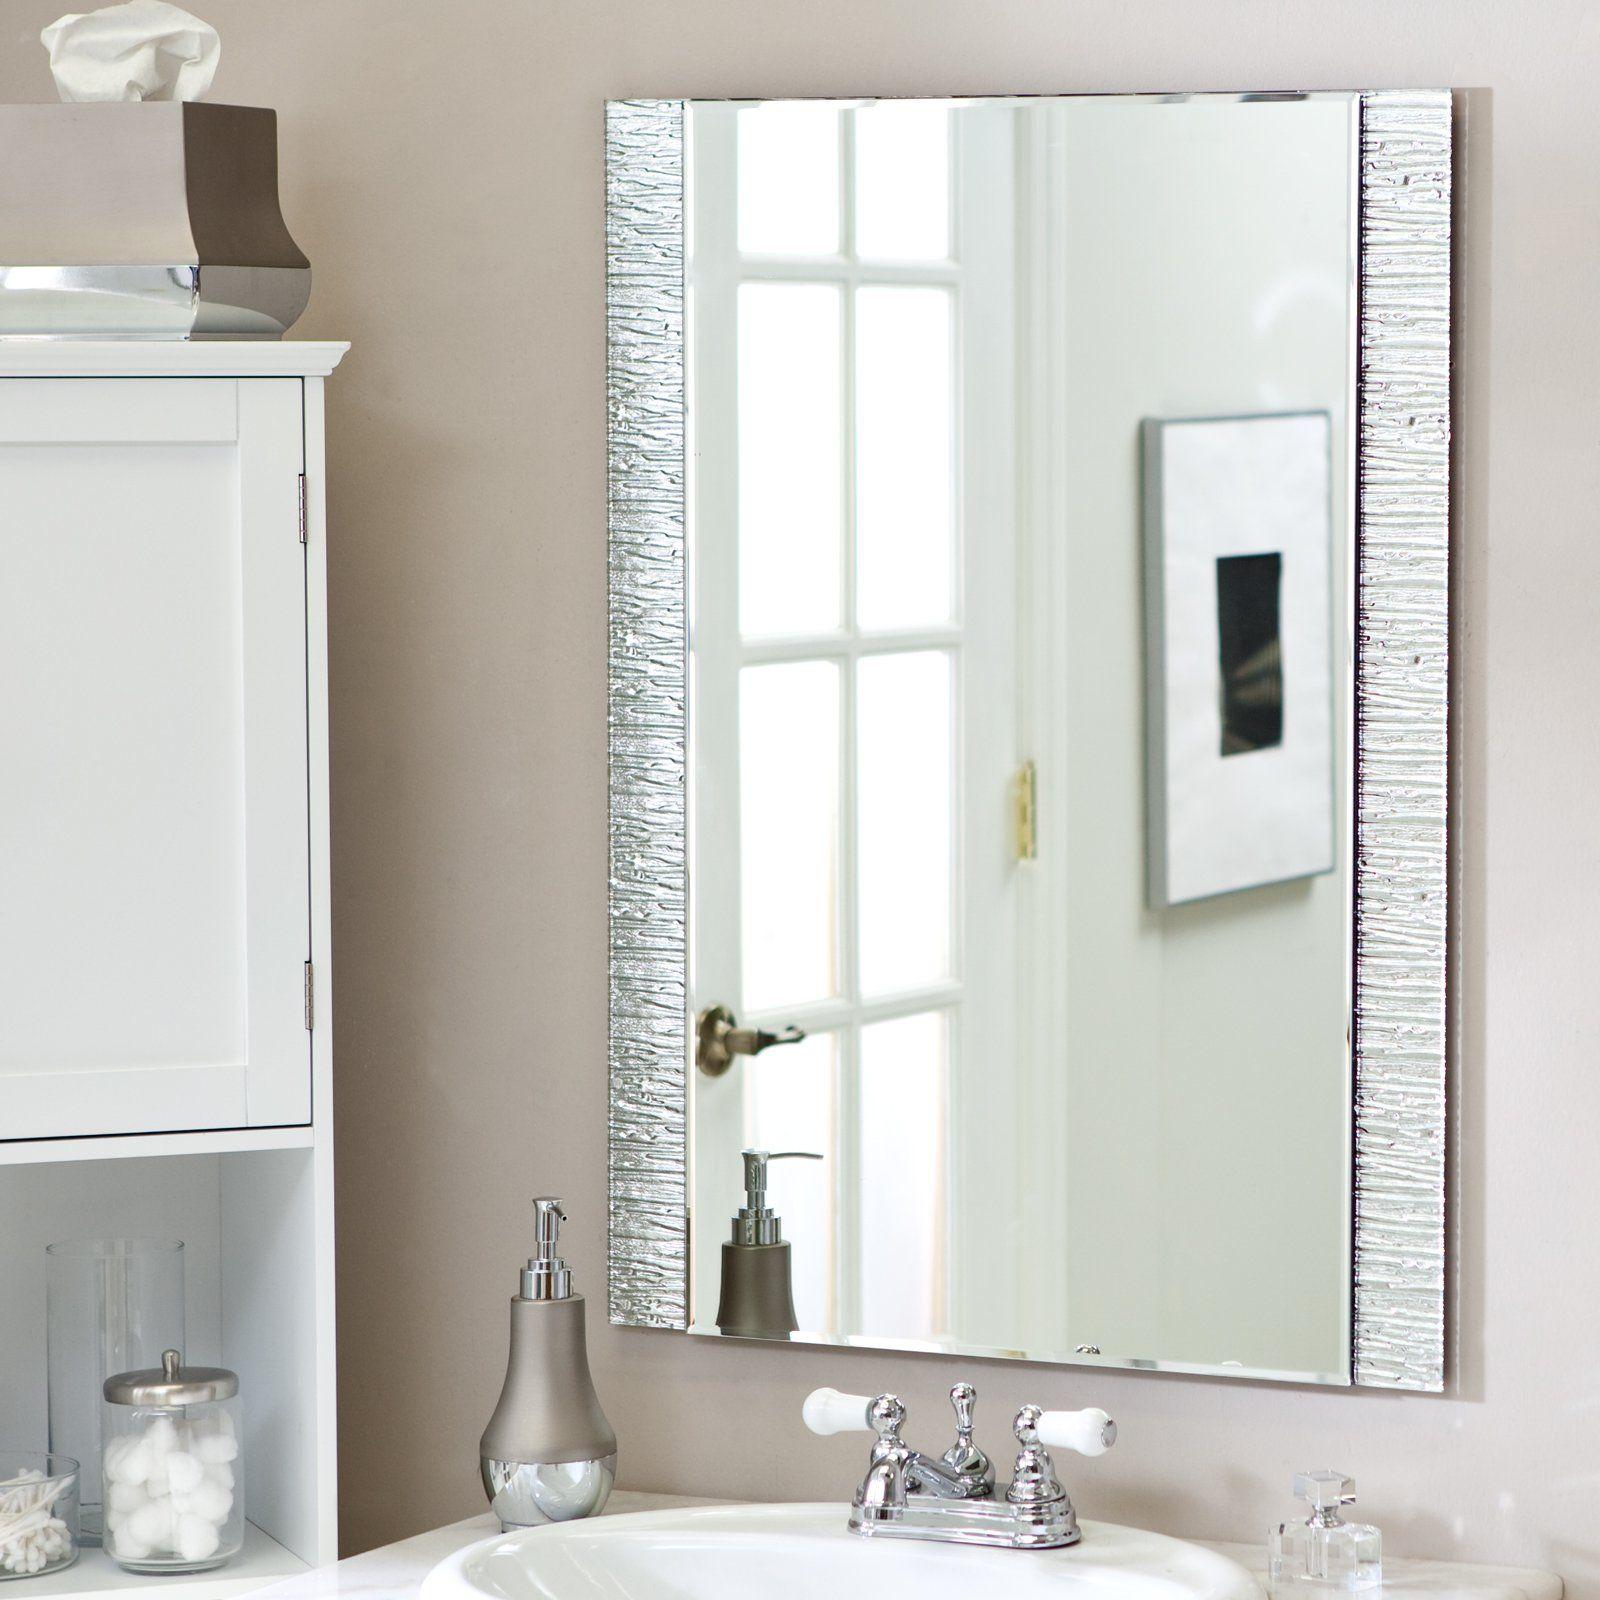 Décor Wonderland Frameless Molten Wall Mirror - x in. - The Frameless  Molten Wall Mirror gives your decor gorgeous texture and depth.